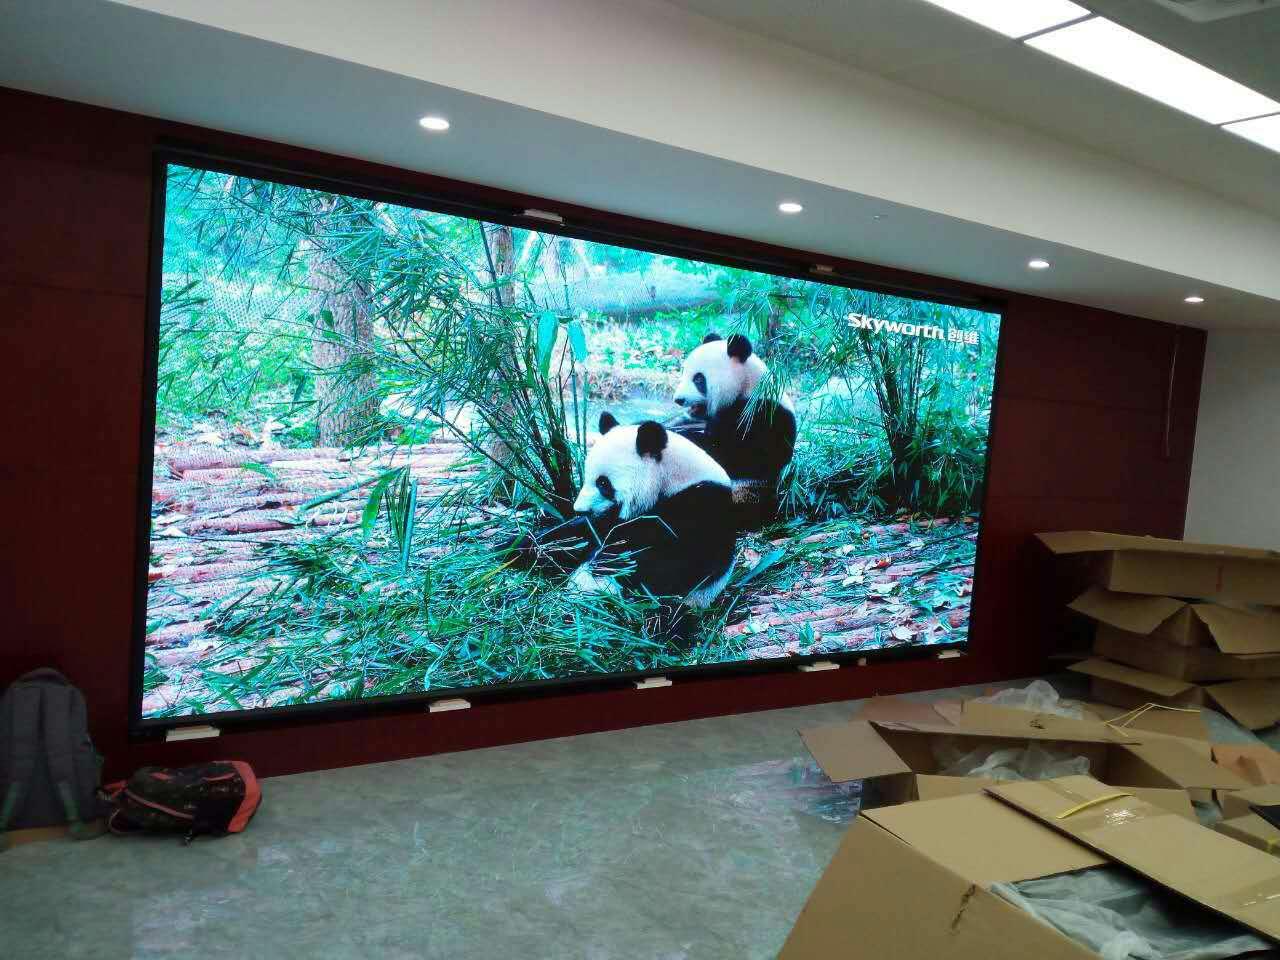 蚌埠原装LED格栅屏制造厂家 信息推荐 合肥龙发智能科技供应